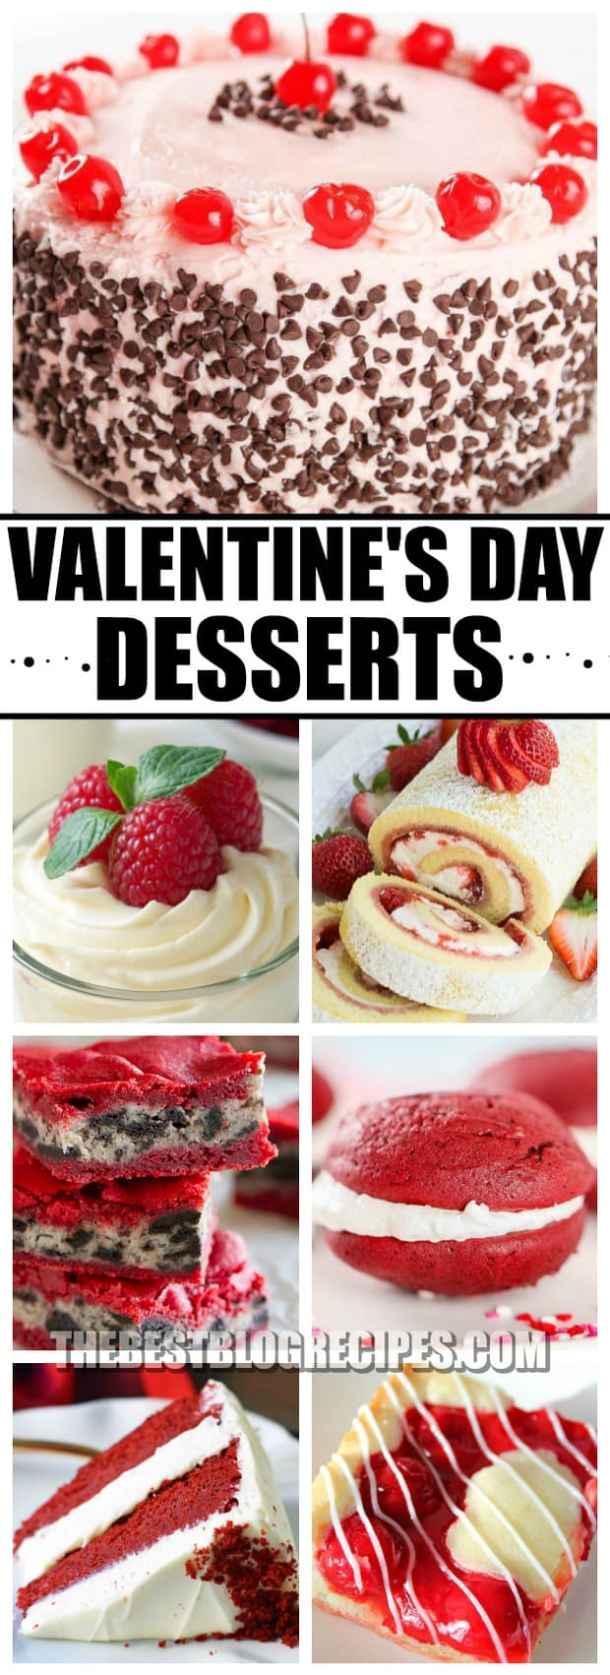 The Best Valentine's Day Desserts